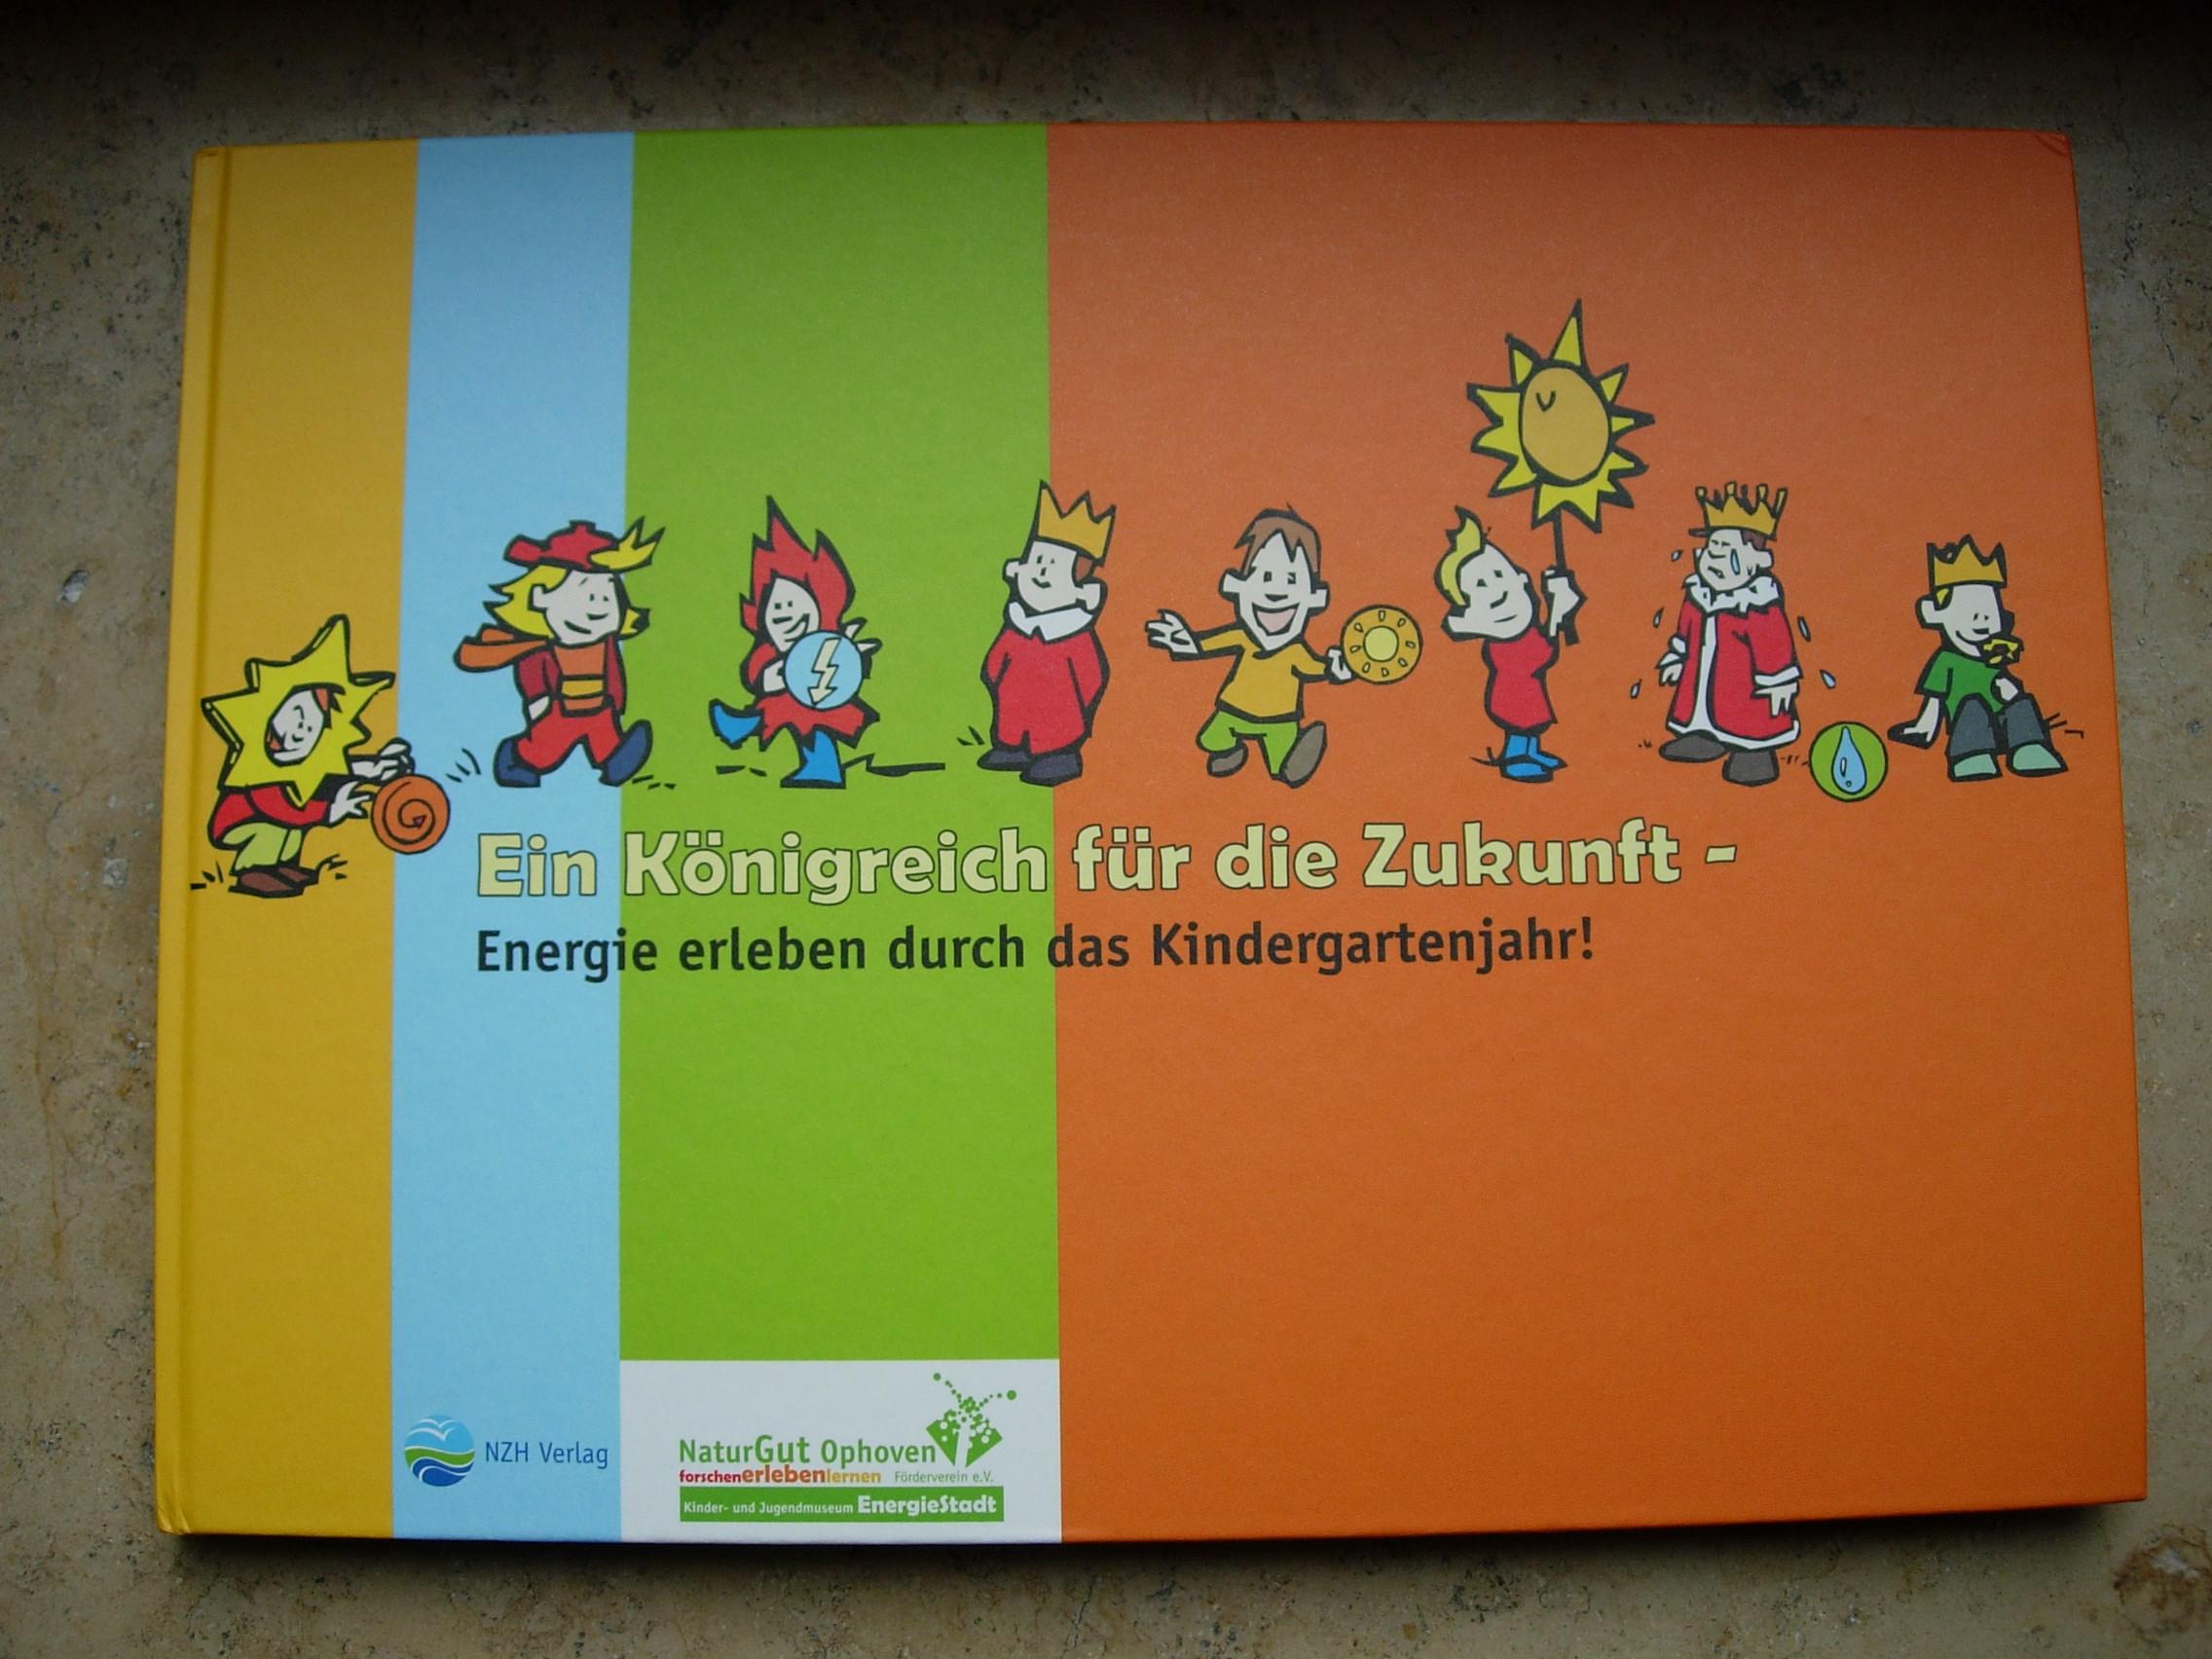 Gemütlich Schreibvorlagen Für Den Kindergarten Bilder - Beispiel ...